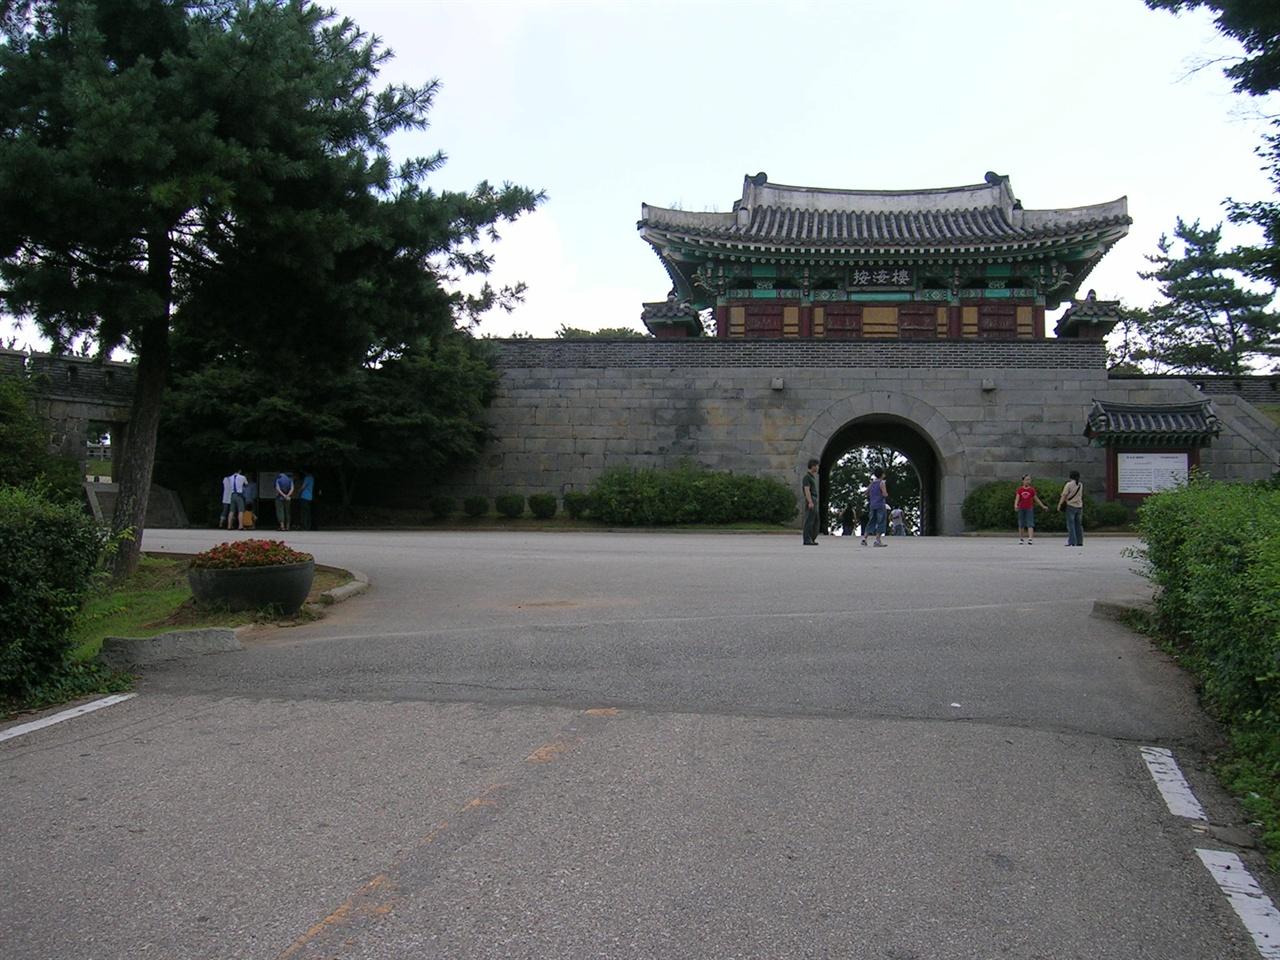 신미양요 격전지 중 하나인 광성보. 인천시 강화군에 있다.